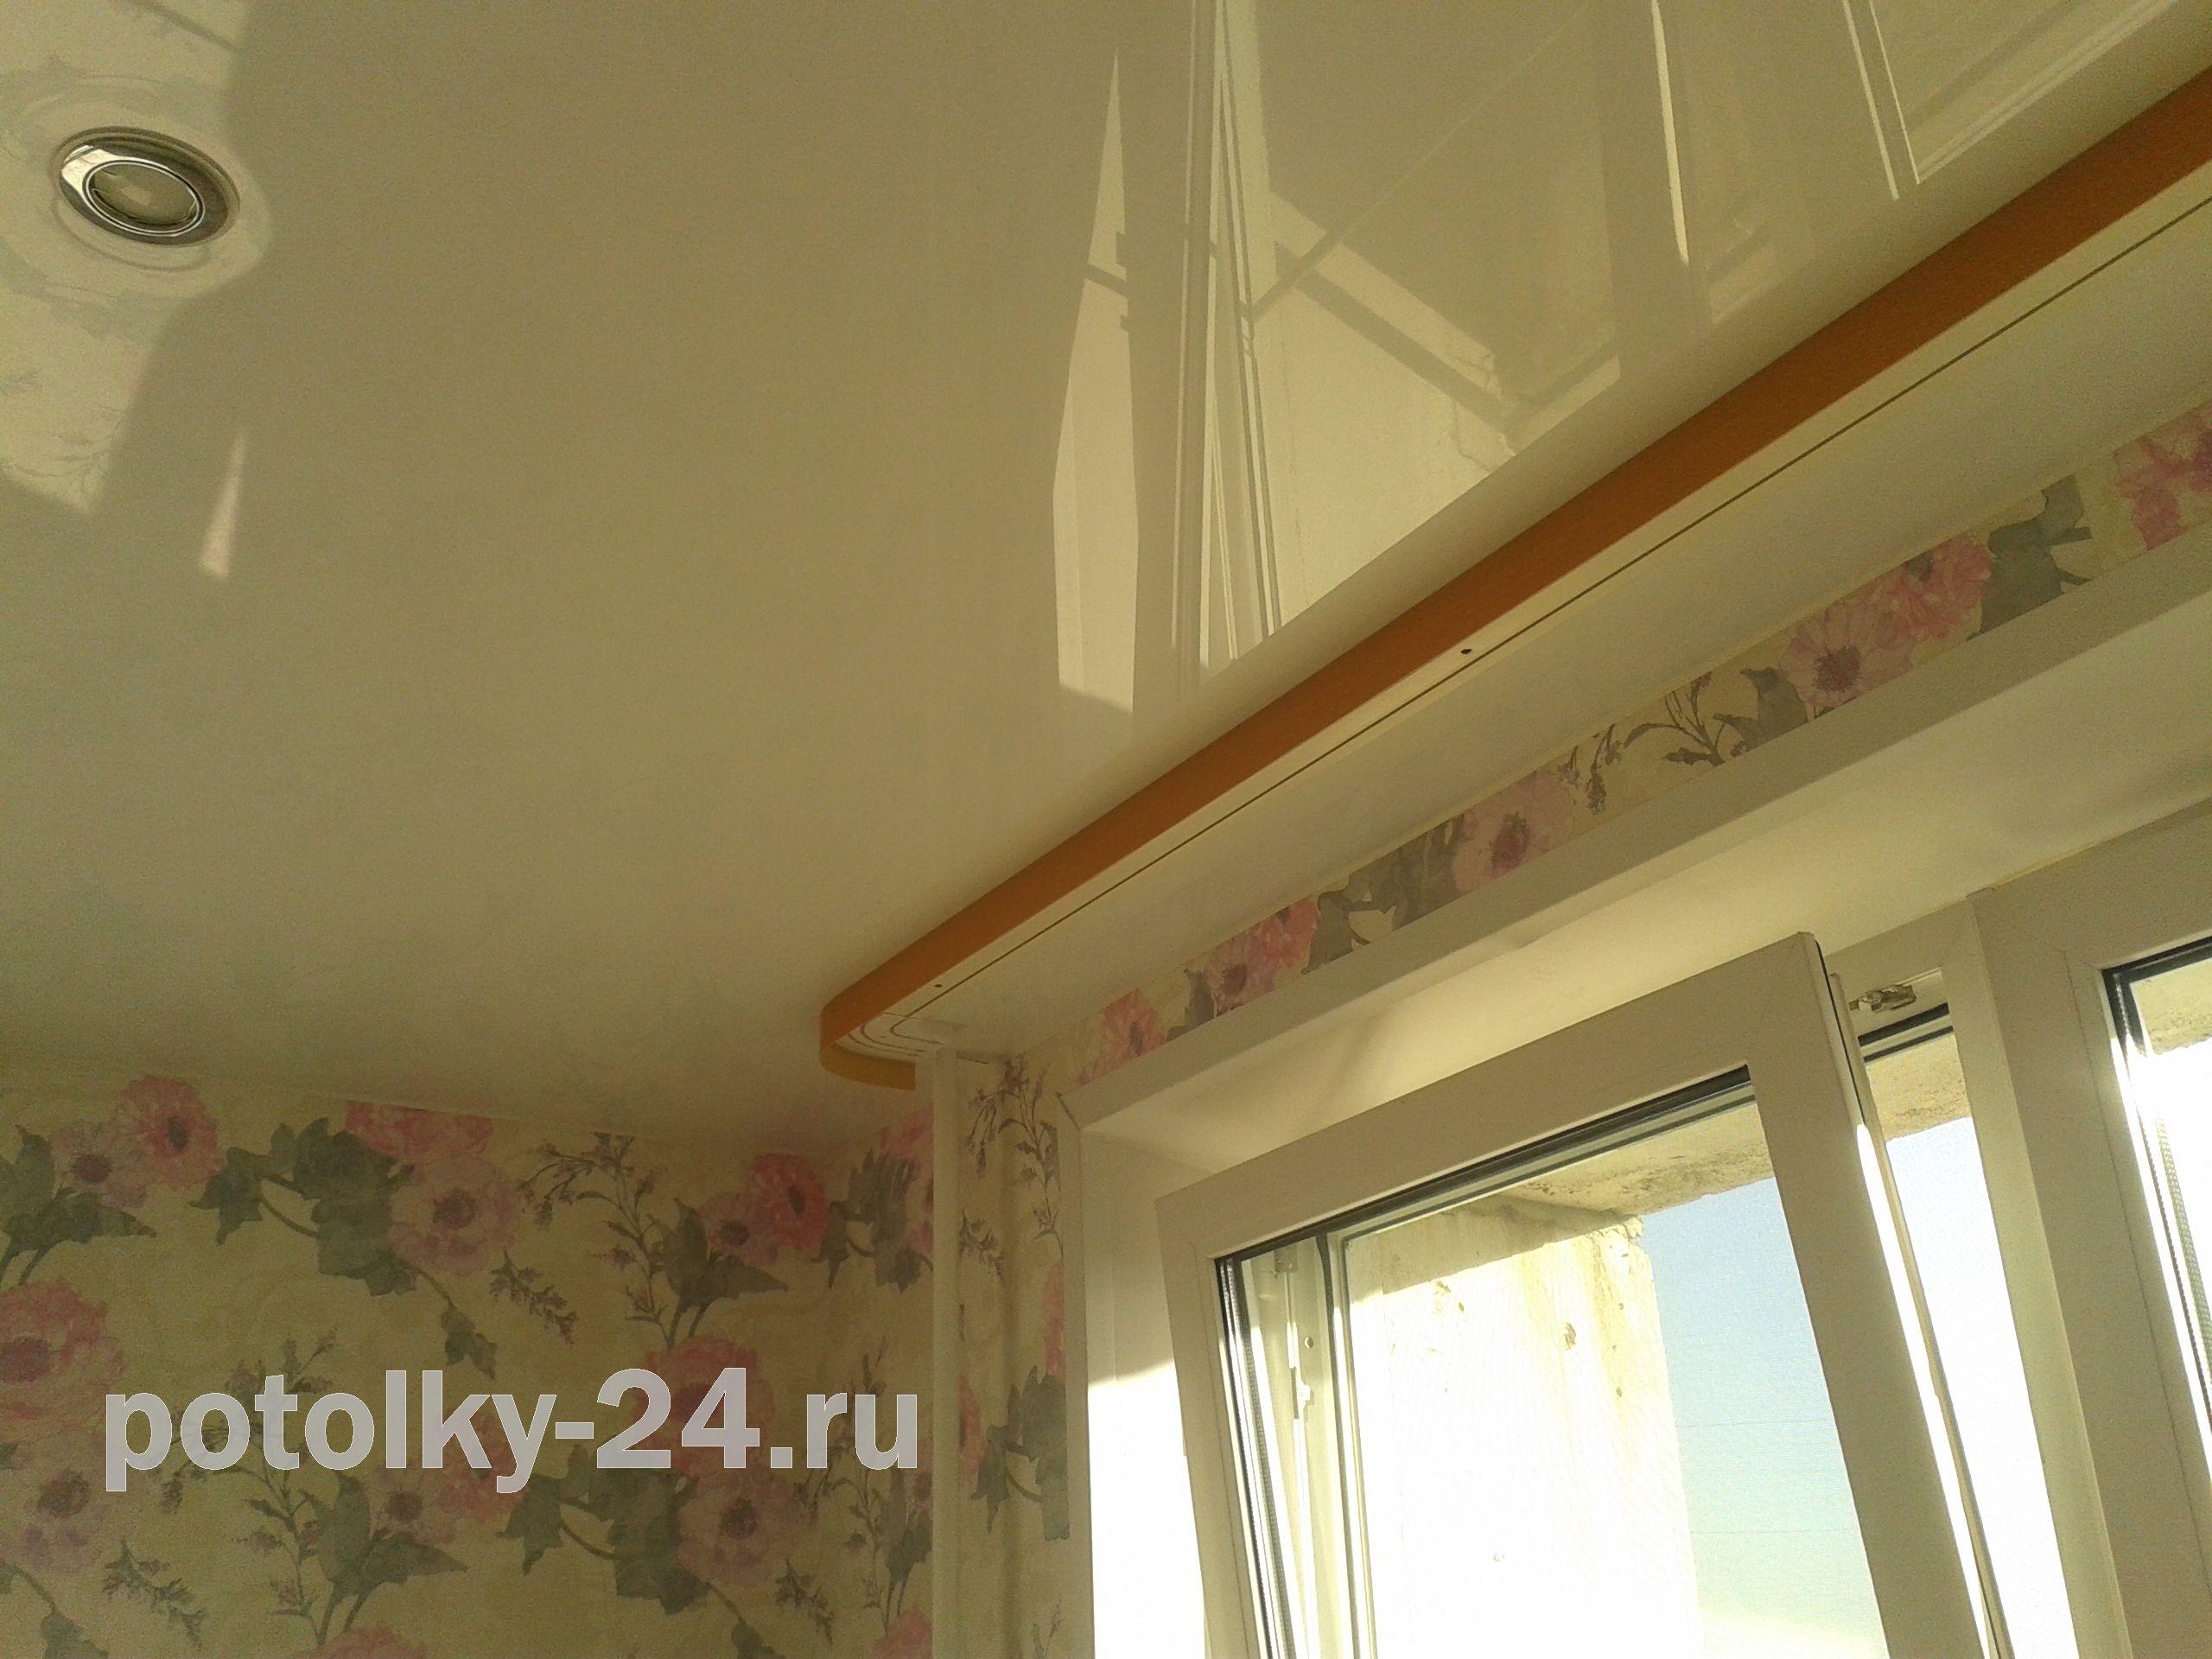 Натяжной потолок и карниз для штор как сделать